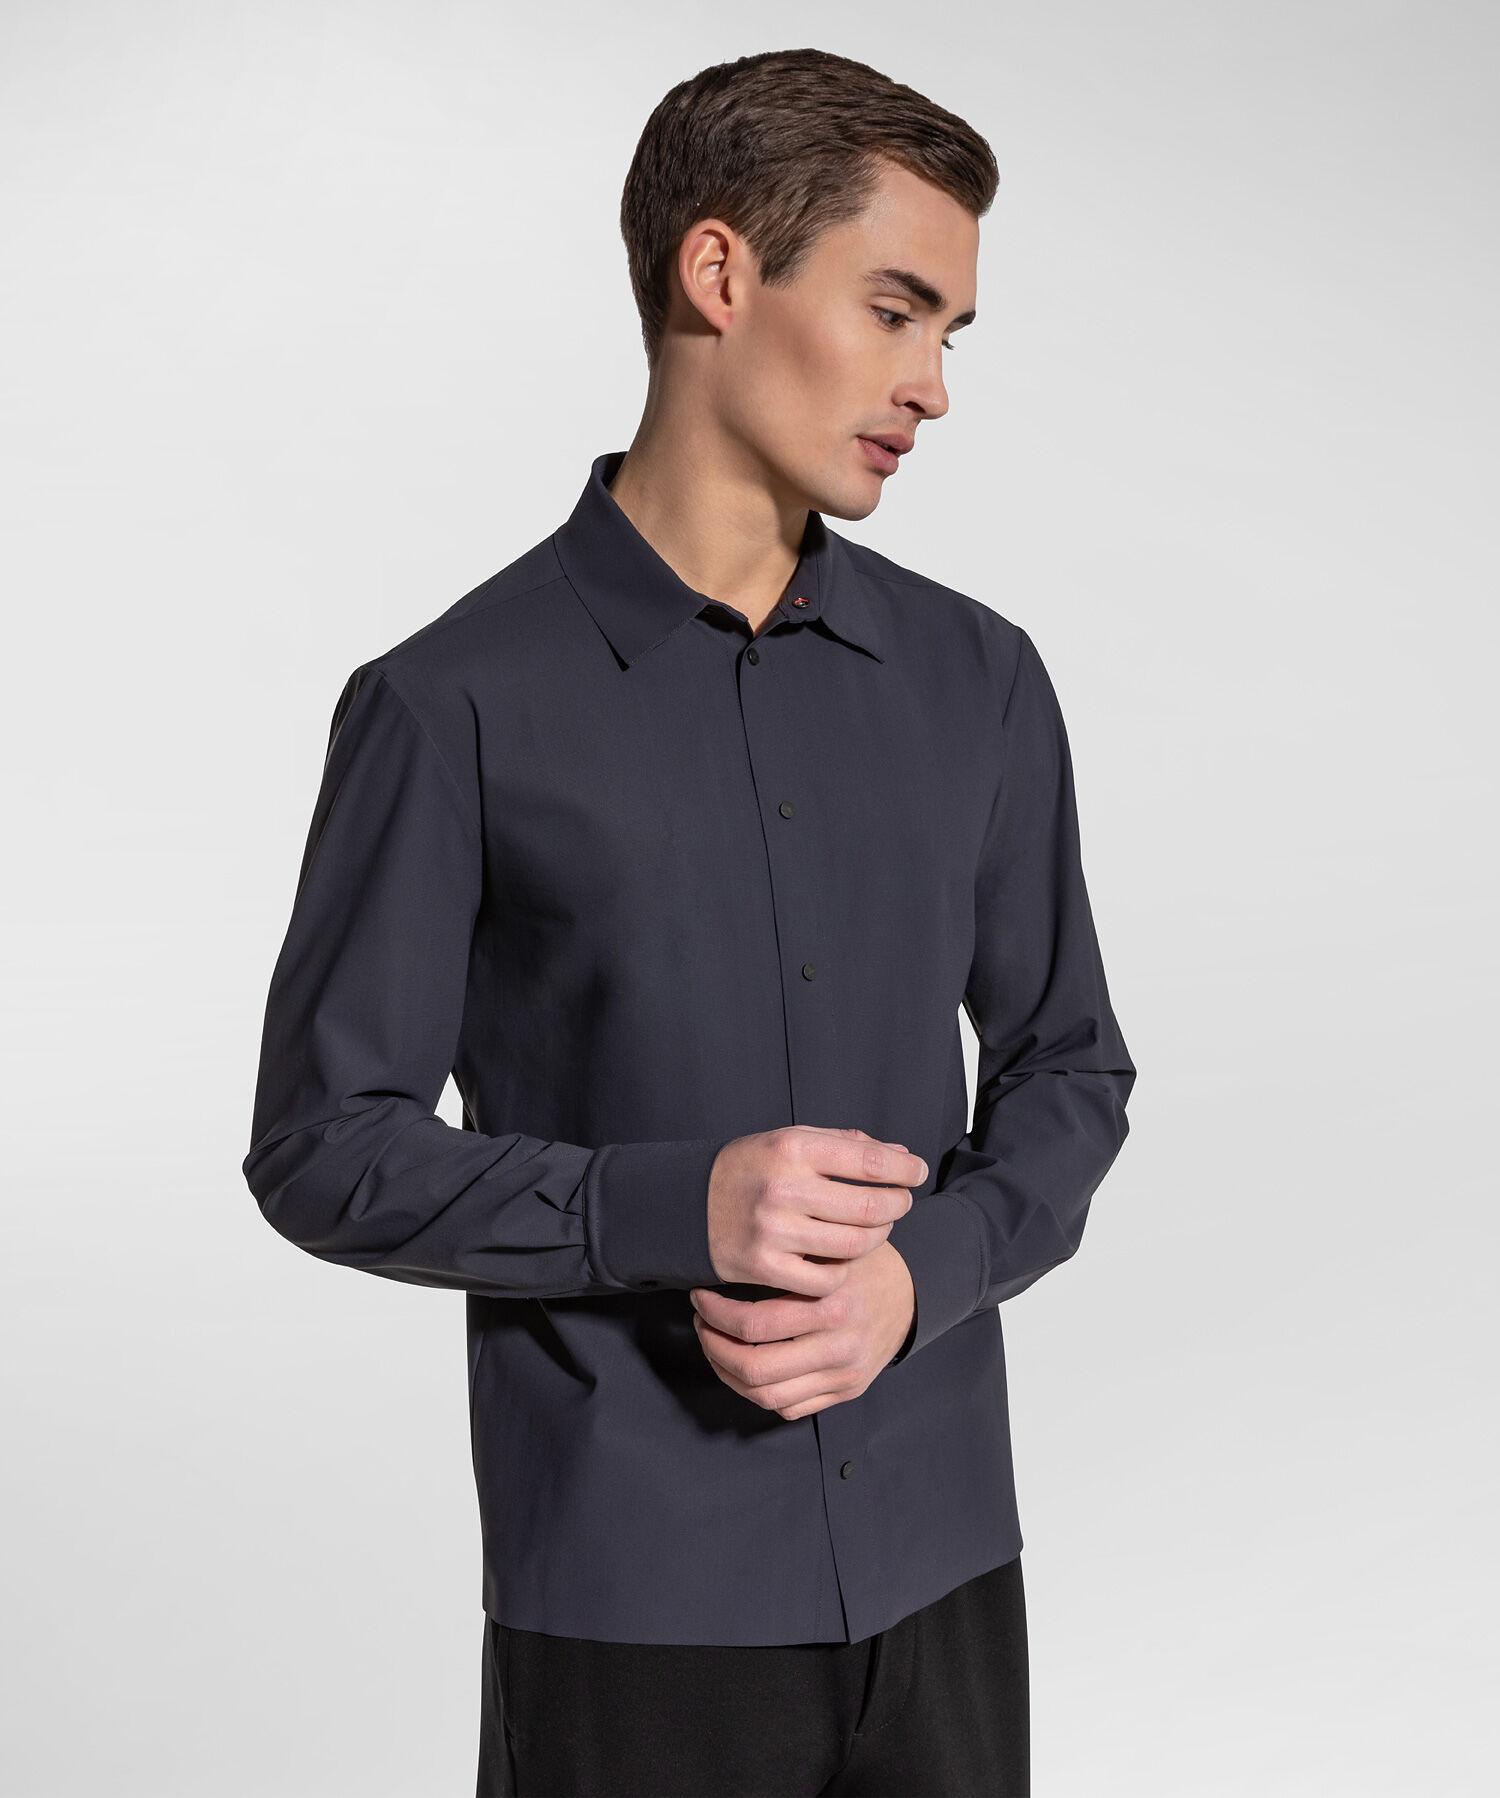 Camicia In Nylon Super Leggero E Tecnico - Peuterey